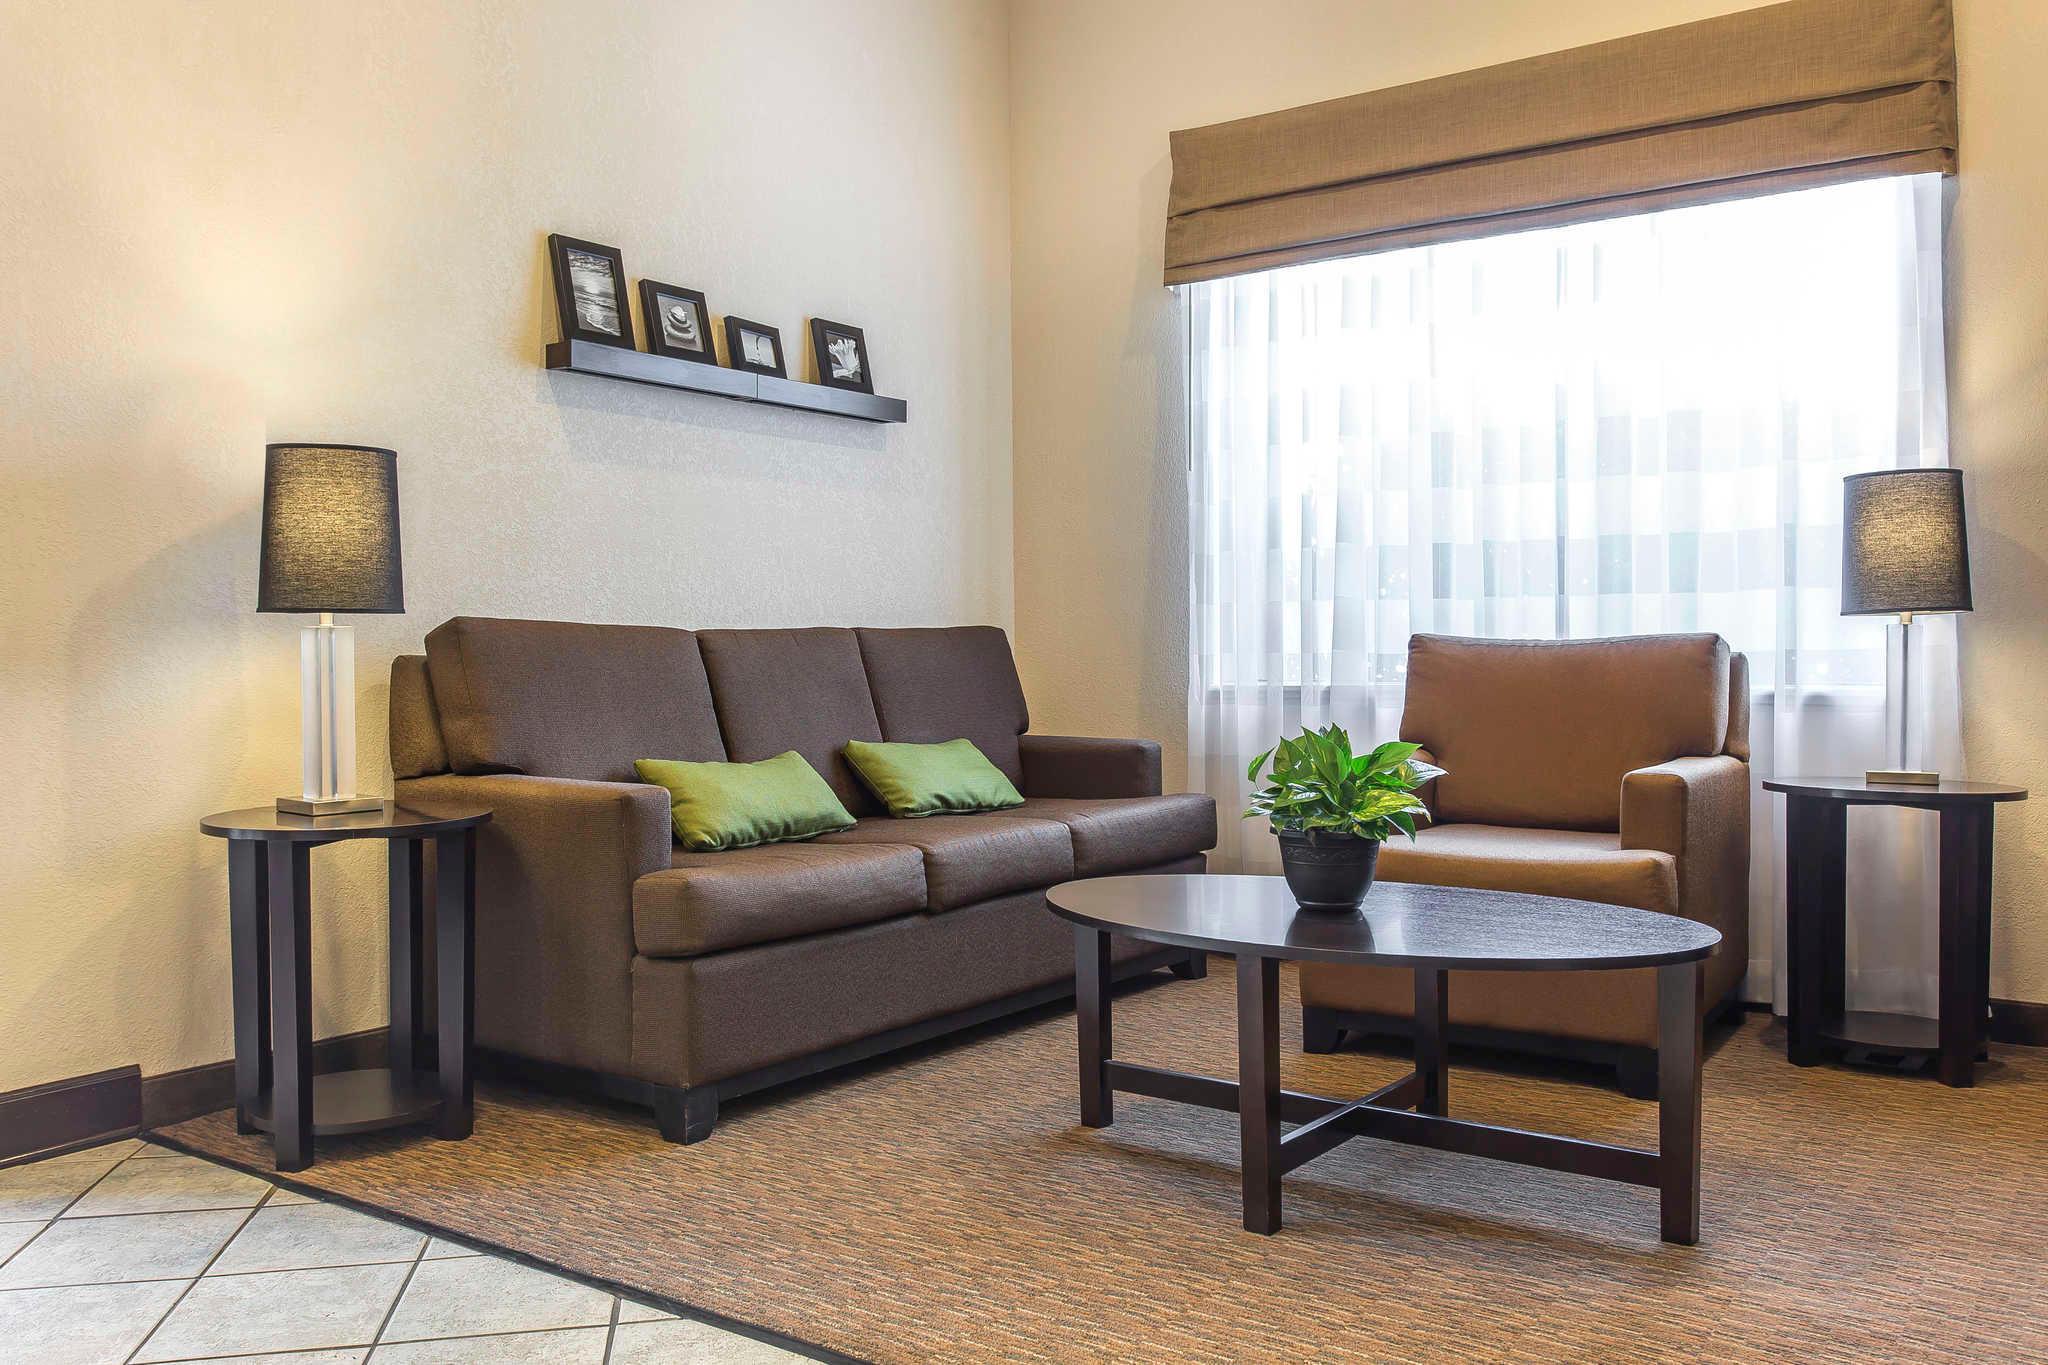 Sleep Inn & Suites image 5